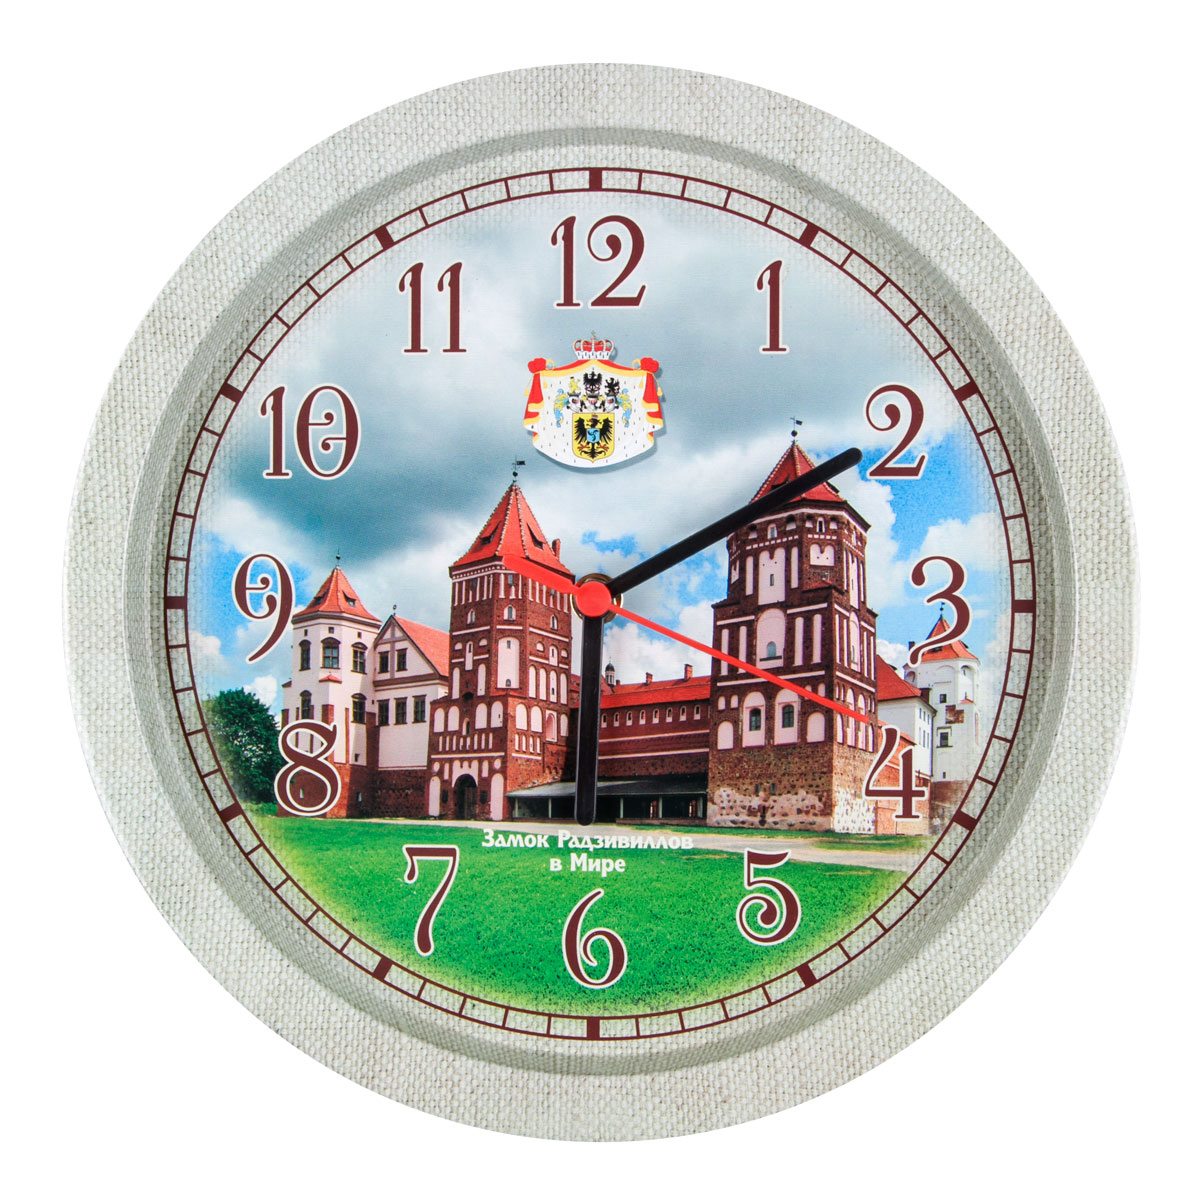 Часы настенные Miolla Замок51510531Оригинальные настенные часы круглой формы выполнены из стали. Часы имеют три стрелки - часовую, минутную и секундную и циферблат с цифрами. Необычное дизайнерское решение и качество исполнения придутся по вкусу каждому. Диаметр часов: 33 см.Часы работают от 1 батарейки типа АА напряжением 1,5 В.